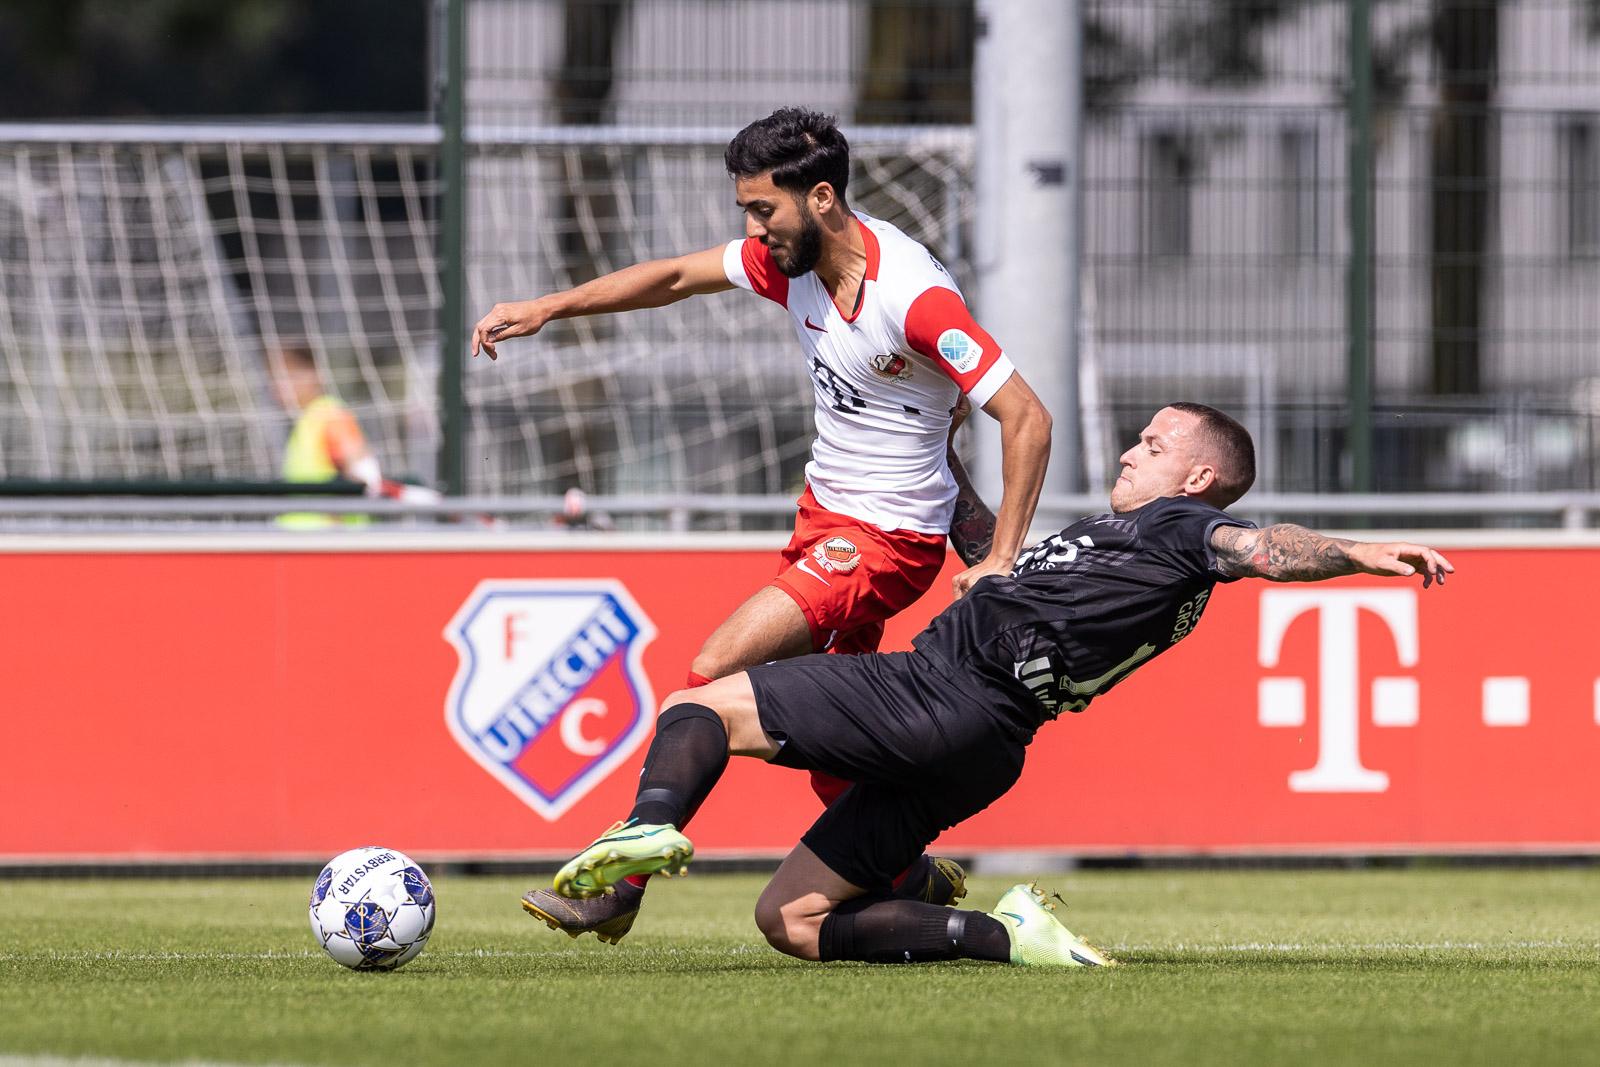 Eerste verliespartij in oefencampagne tegen Jong FC Utrecht